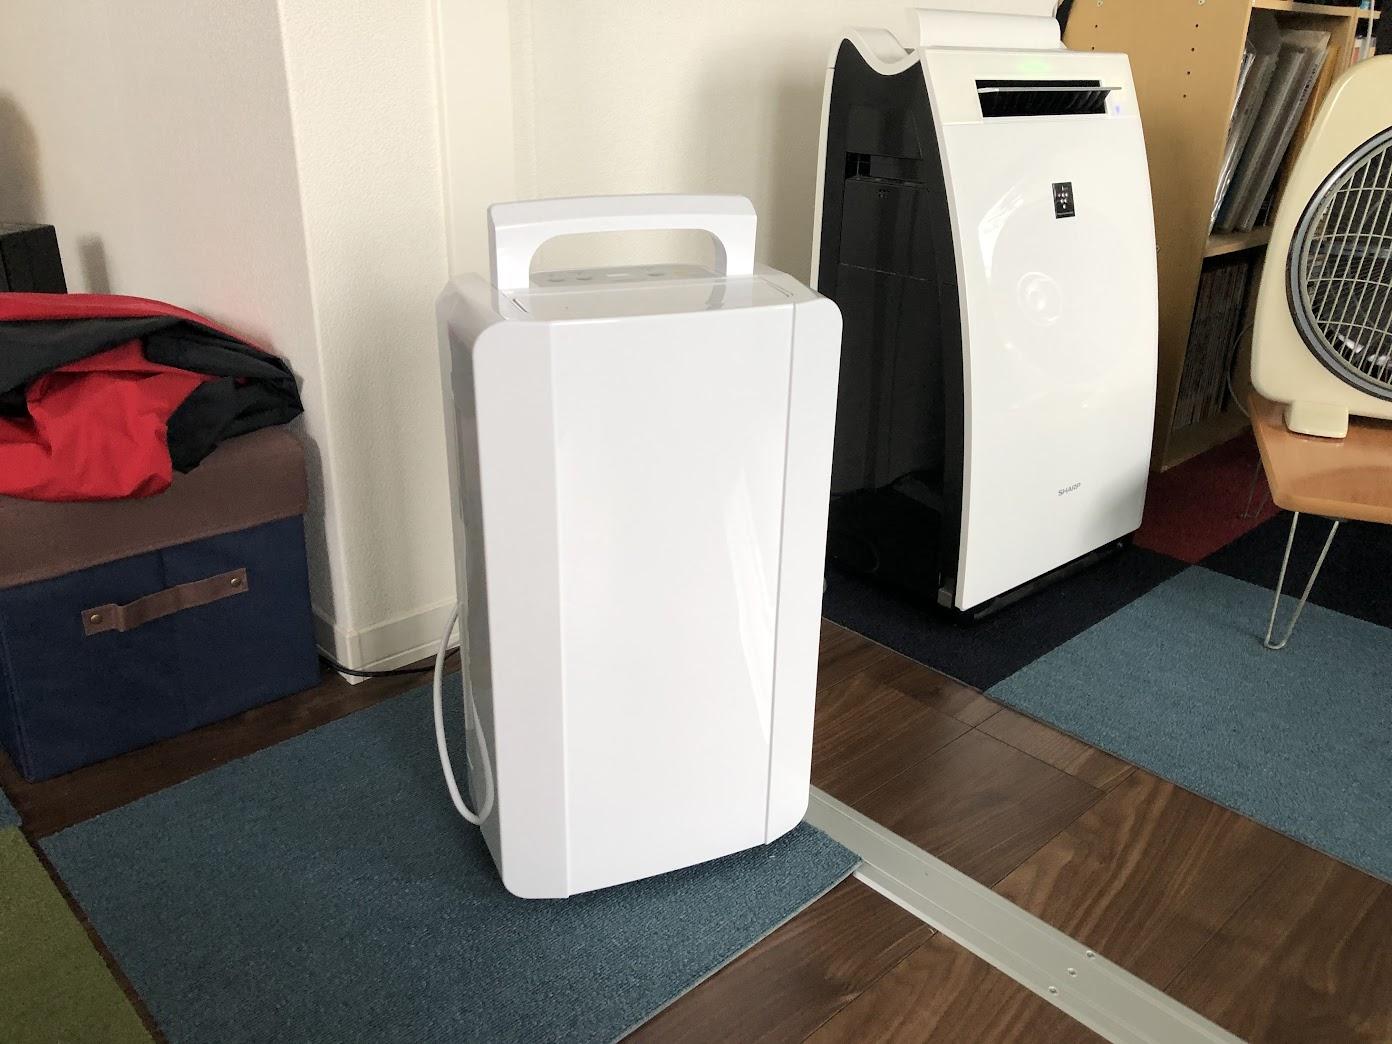 部屋がムシムシし過ぎなので除湿機を買おう – 山善 YDC-C60(W)